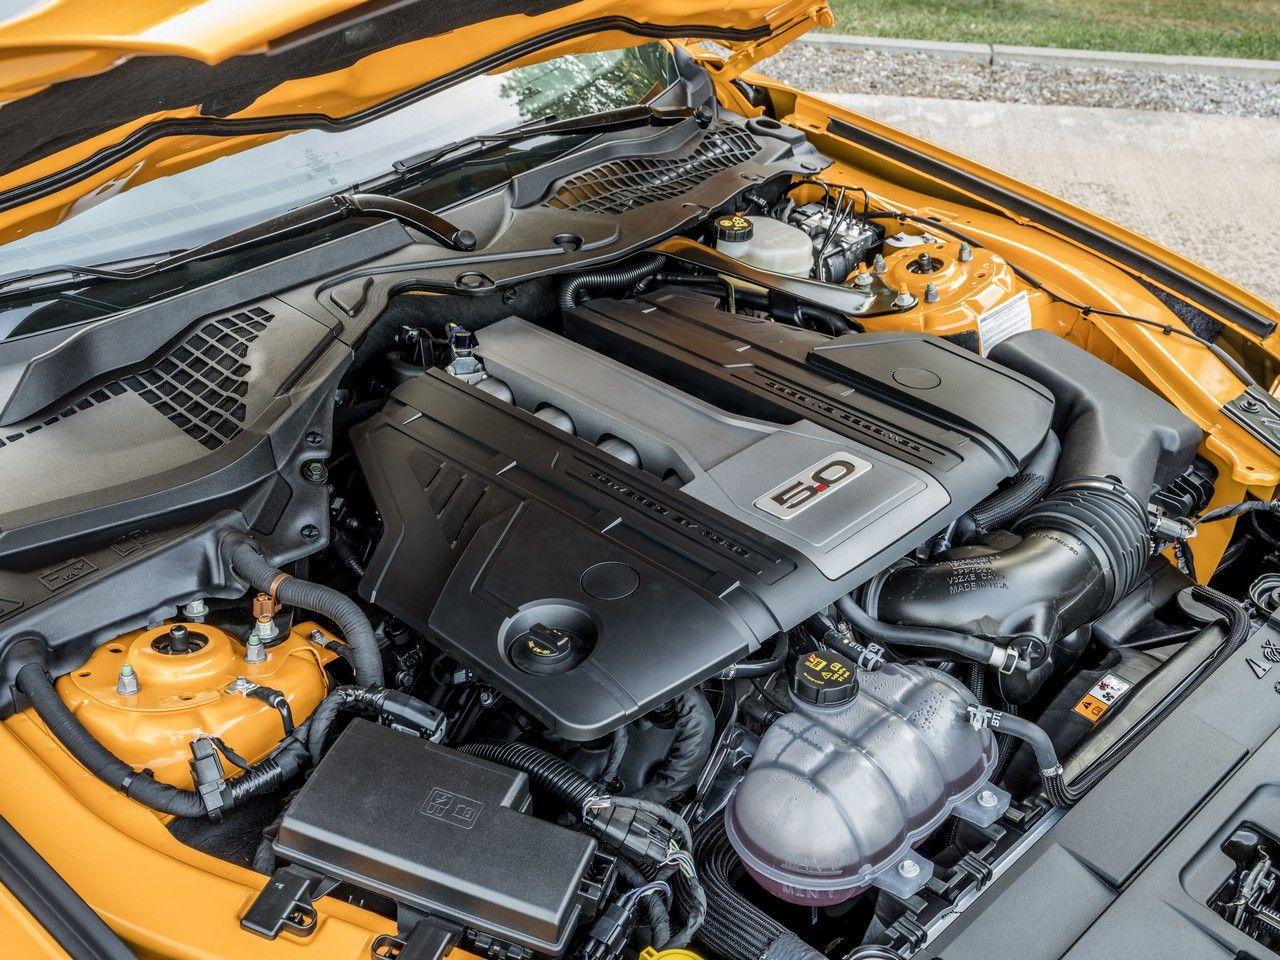 Résultat de l'image pour moteur ford mustang 2018